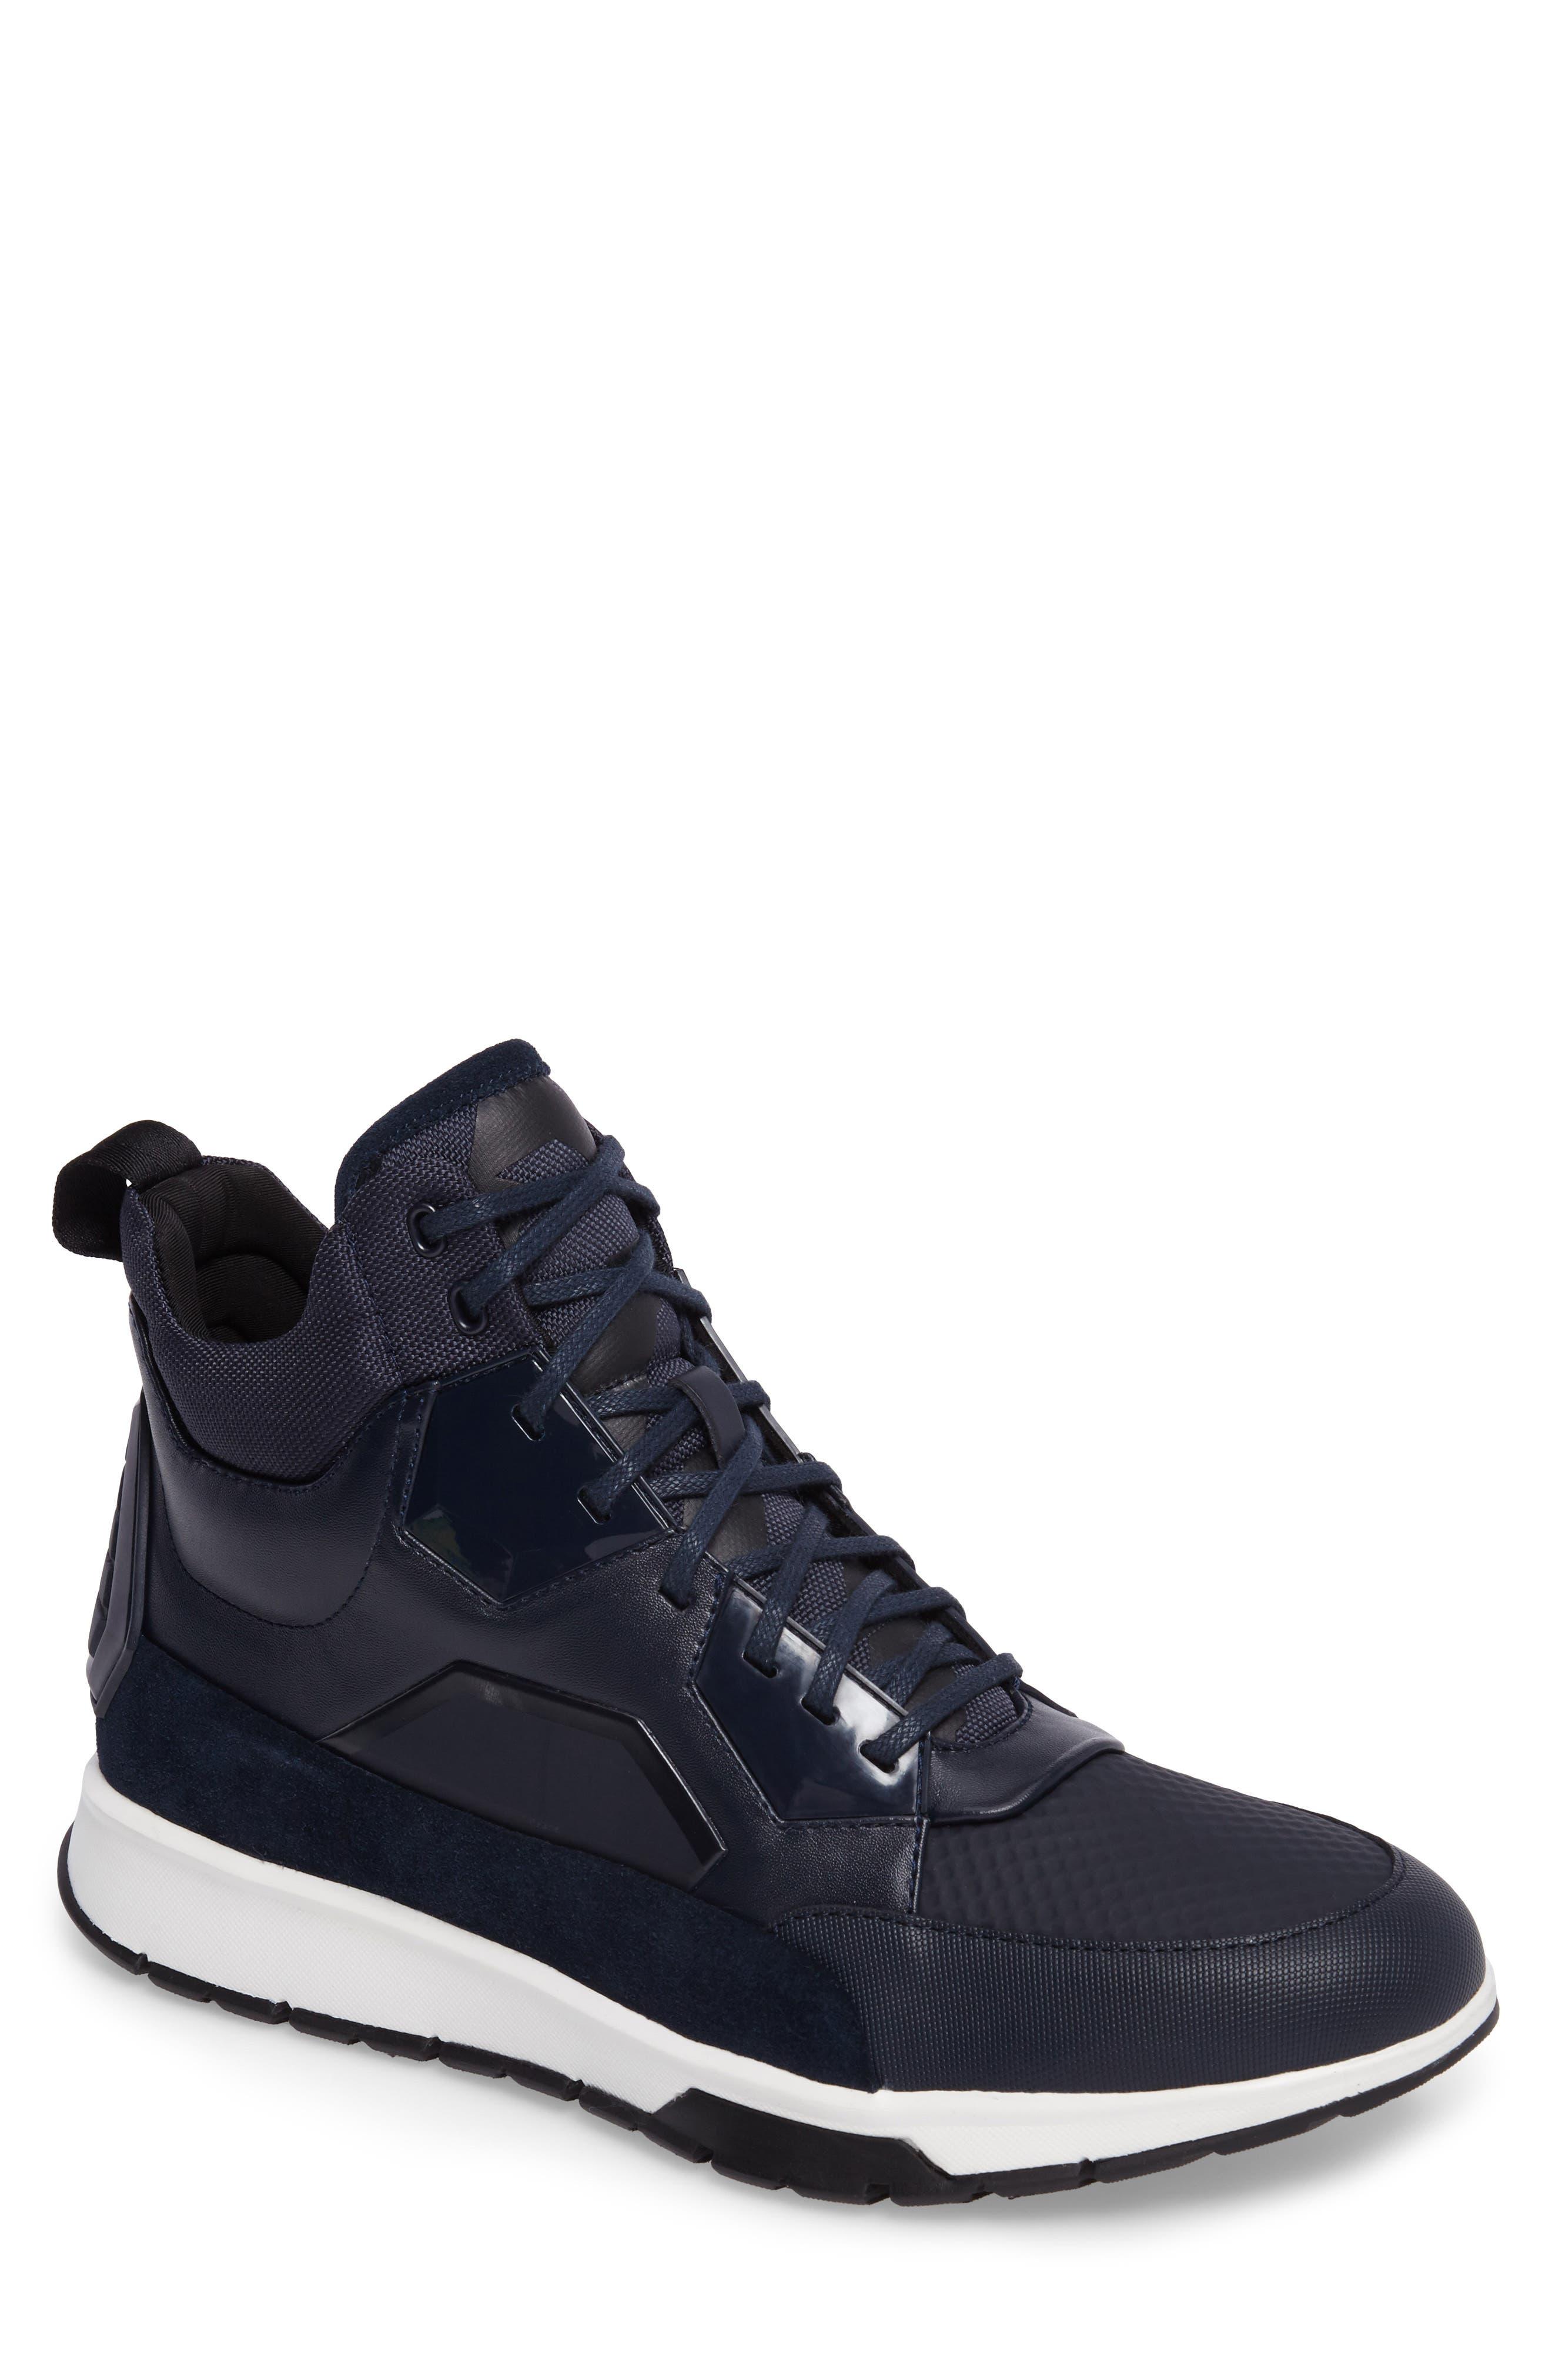 CALVIN KLEIN Kovan City Sneaker